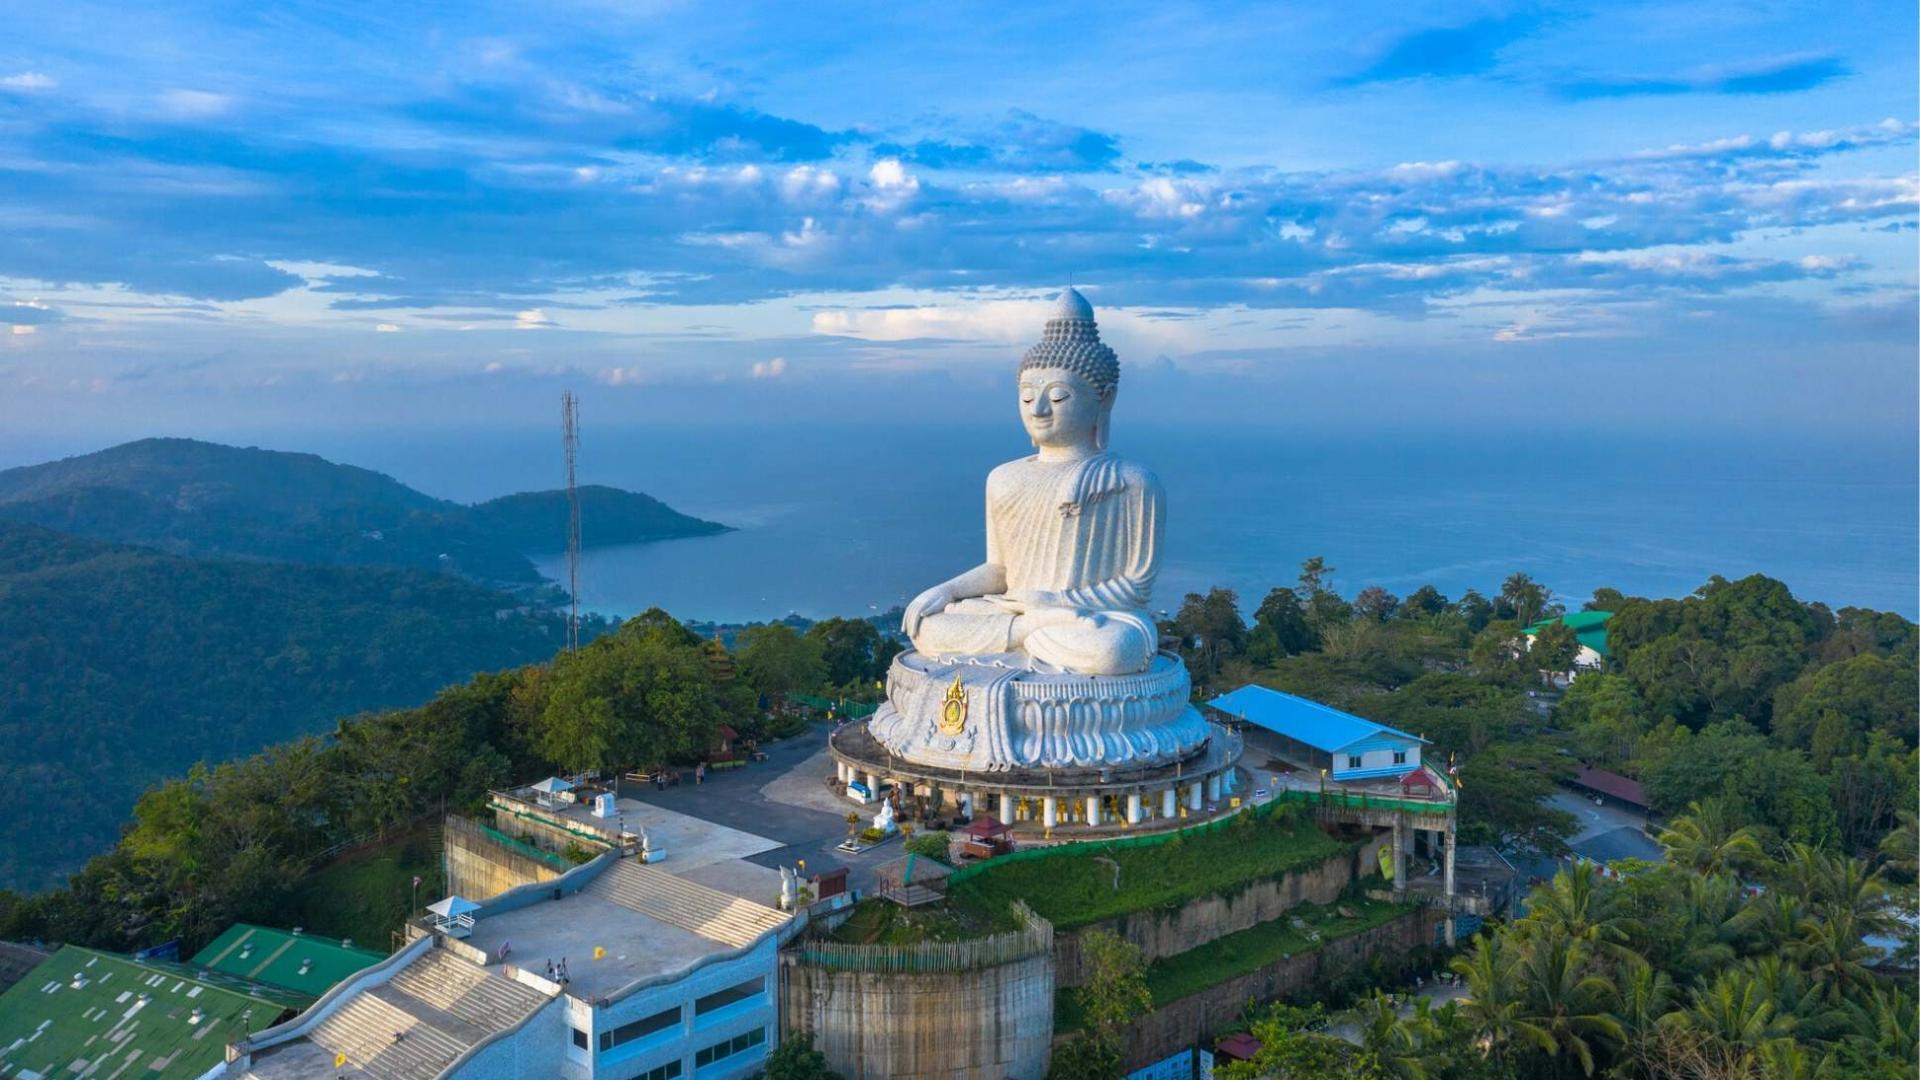 Kruizo Tolimuosiuose Rytuose metu aplankysite Puketo miestą Tailande